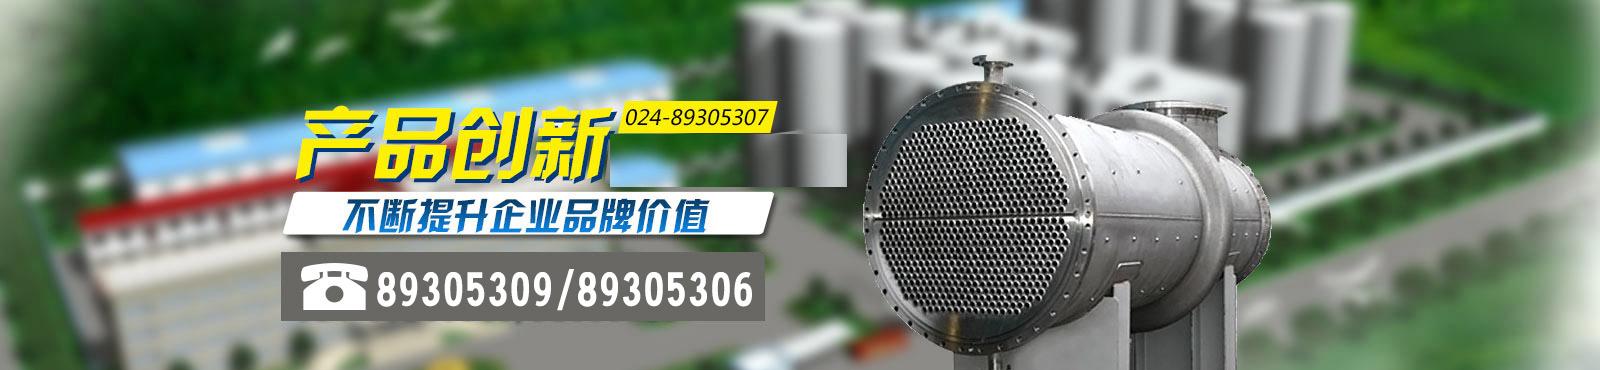 辽宁豪耐思石化装备有限公司